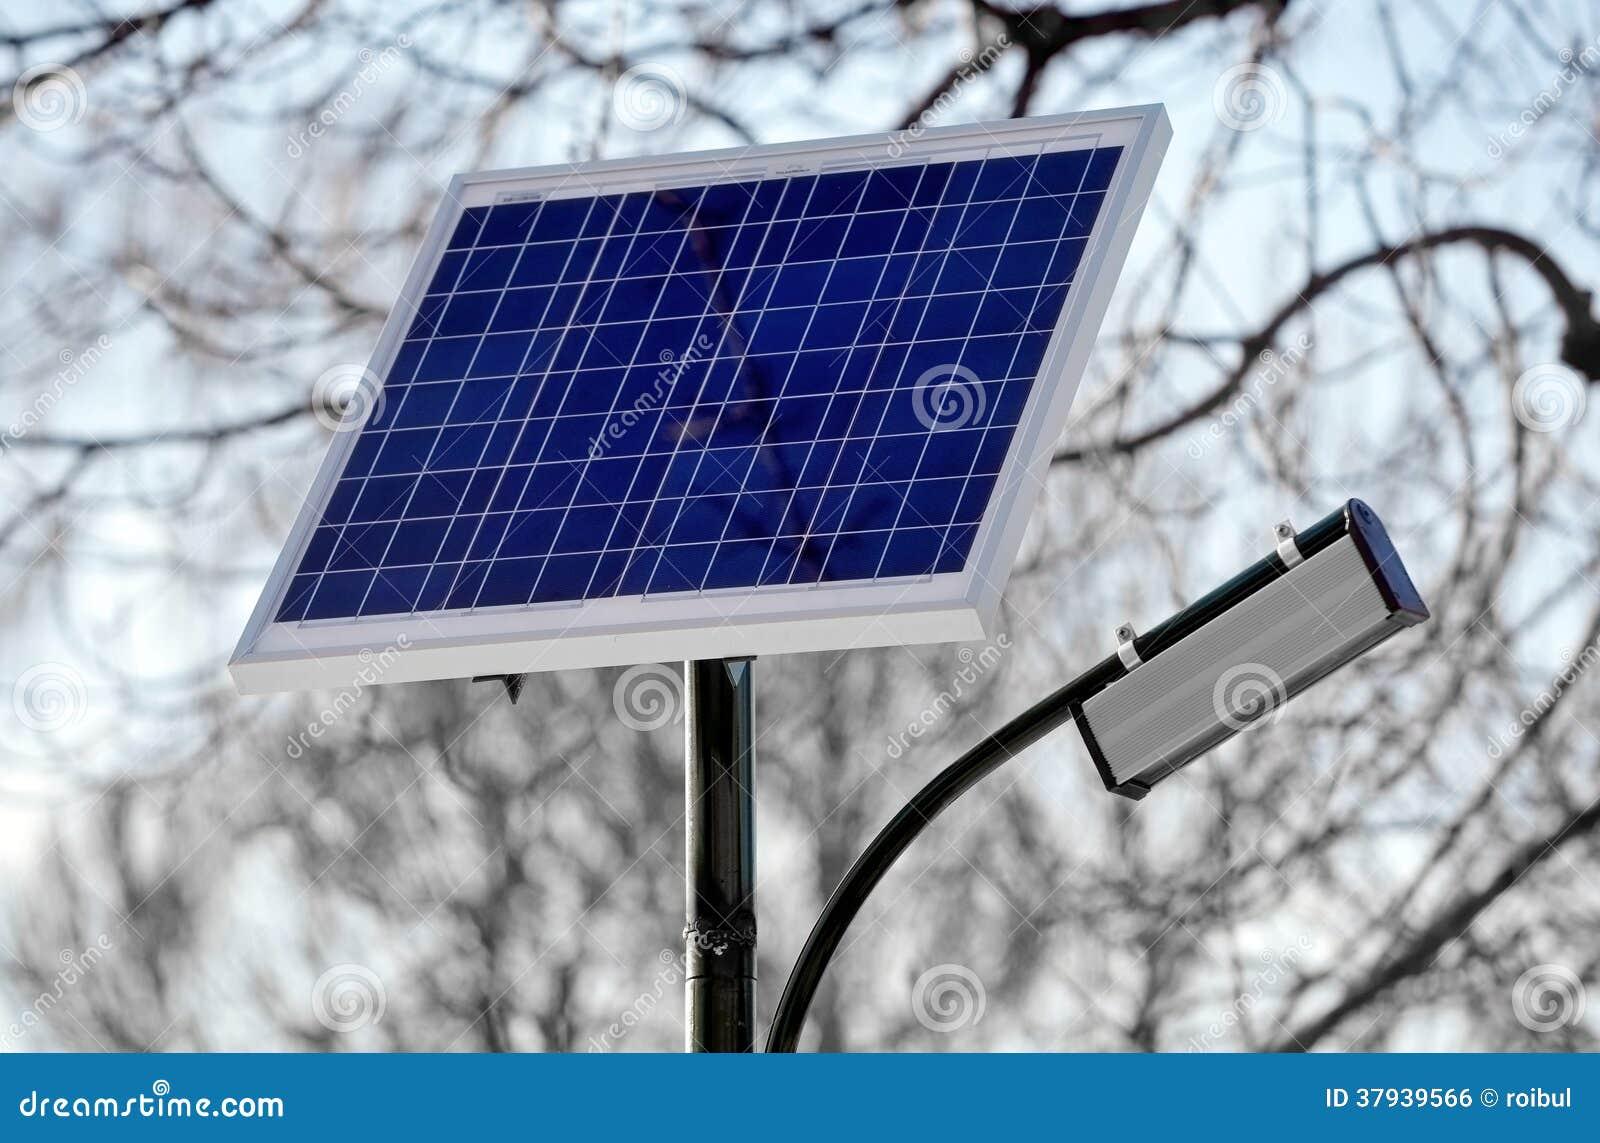 Eclairage Public Photovoltaique En Parc Photo Stock Image Du Lampe